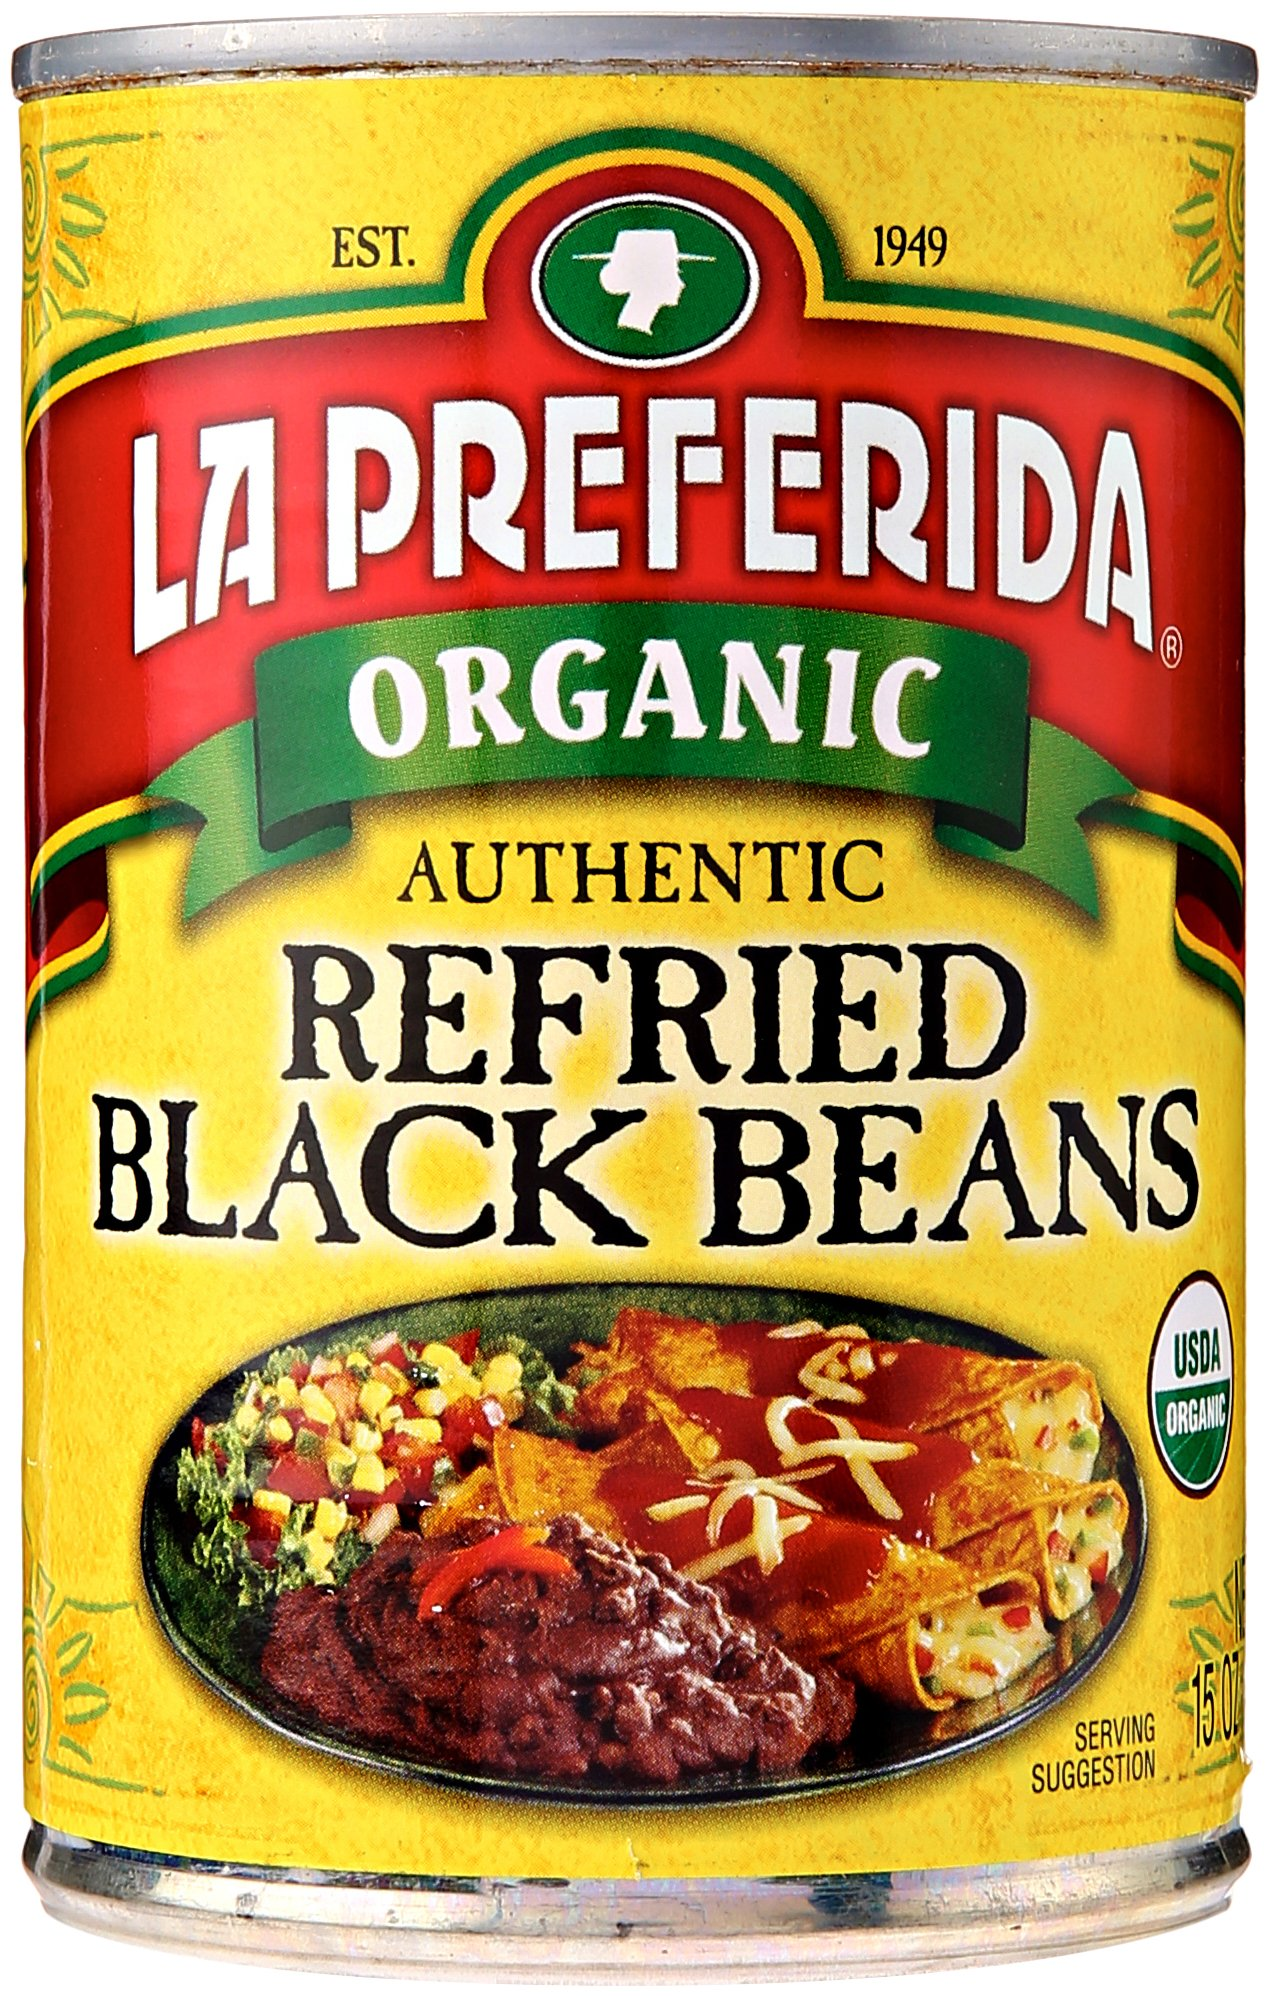 La Preferida Bean Refried Black Organic, 15 oz